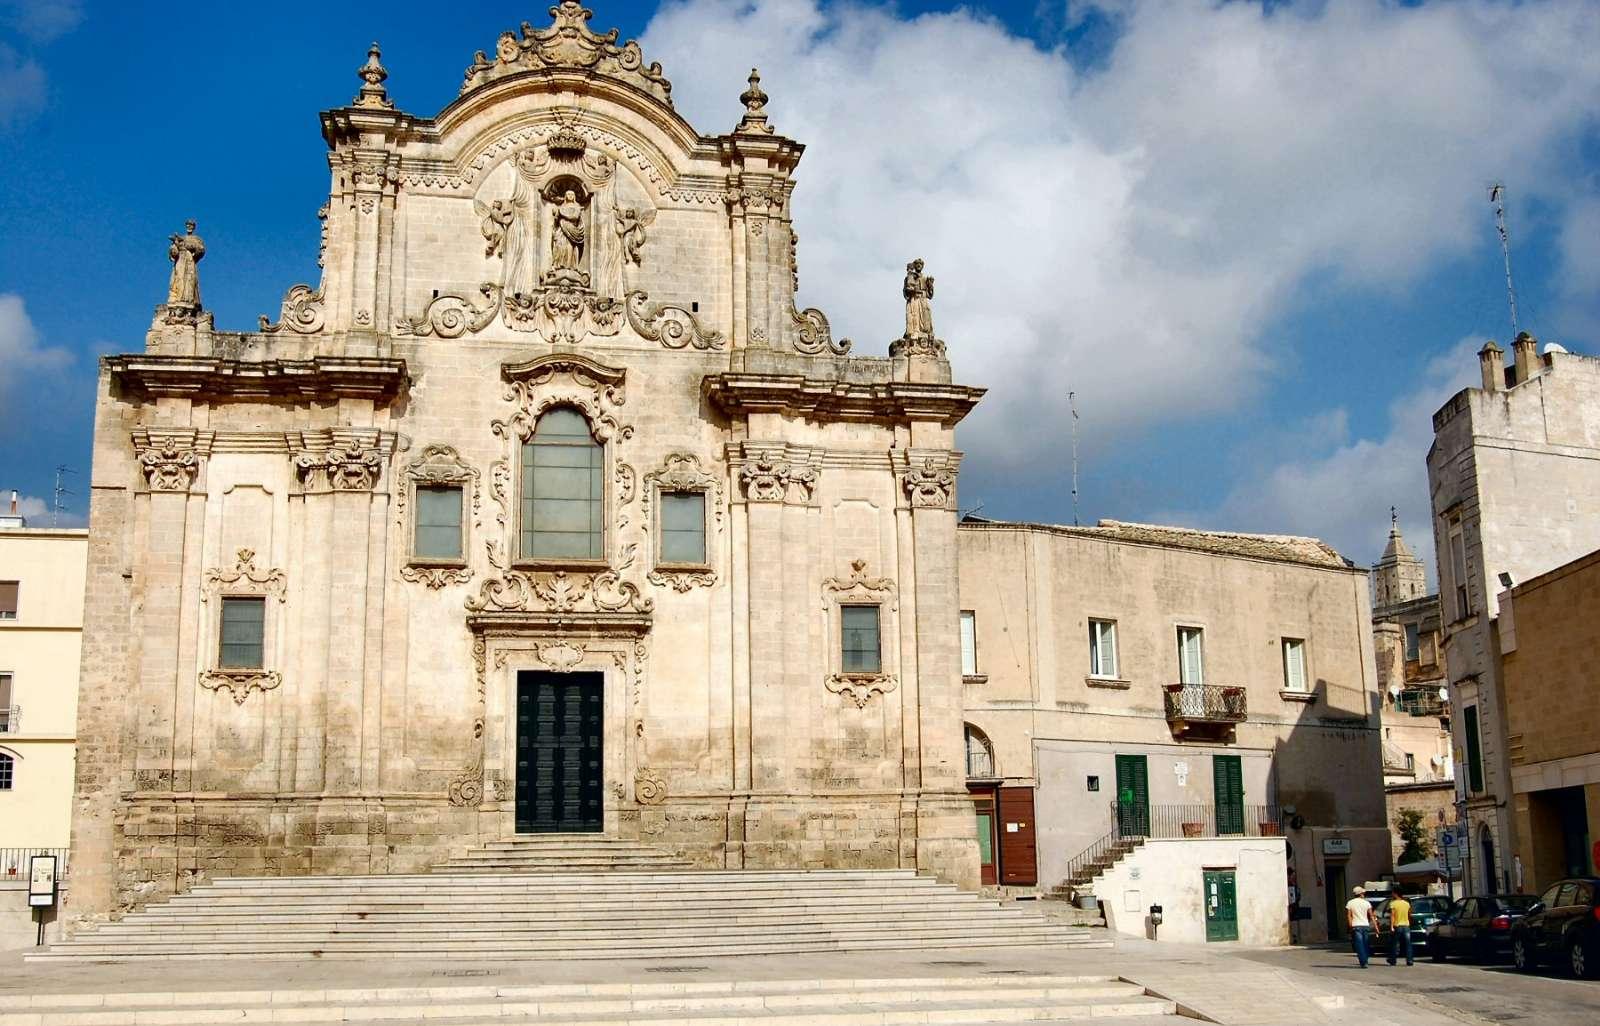 Une des nombreuses églises de Matera. Ici: San Francesco d'Assisi